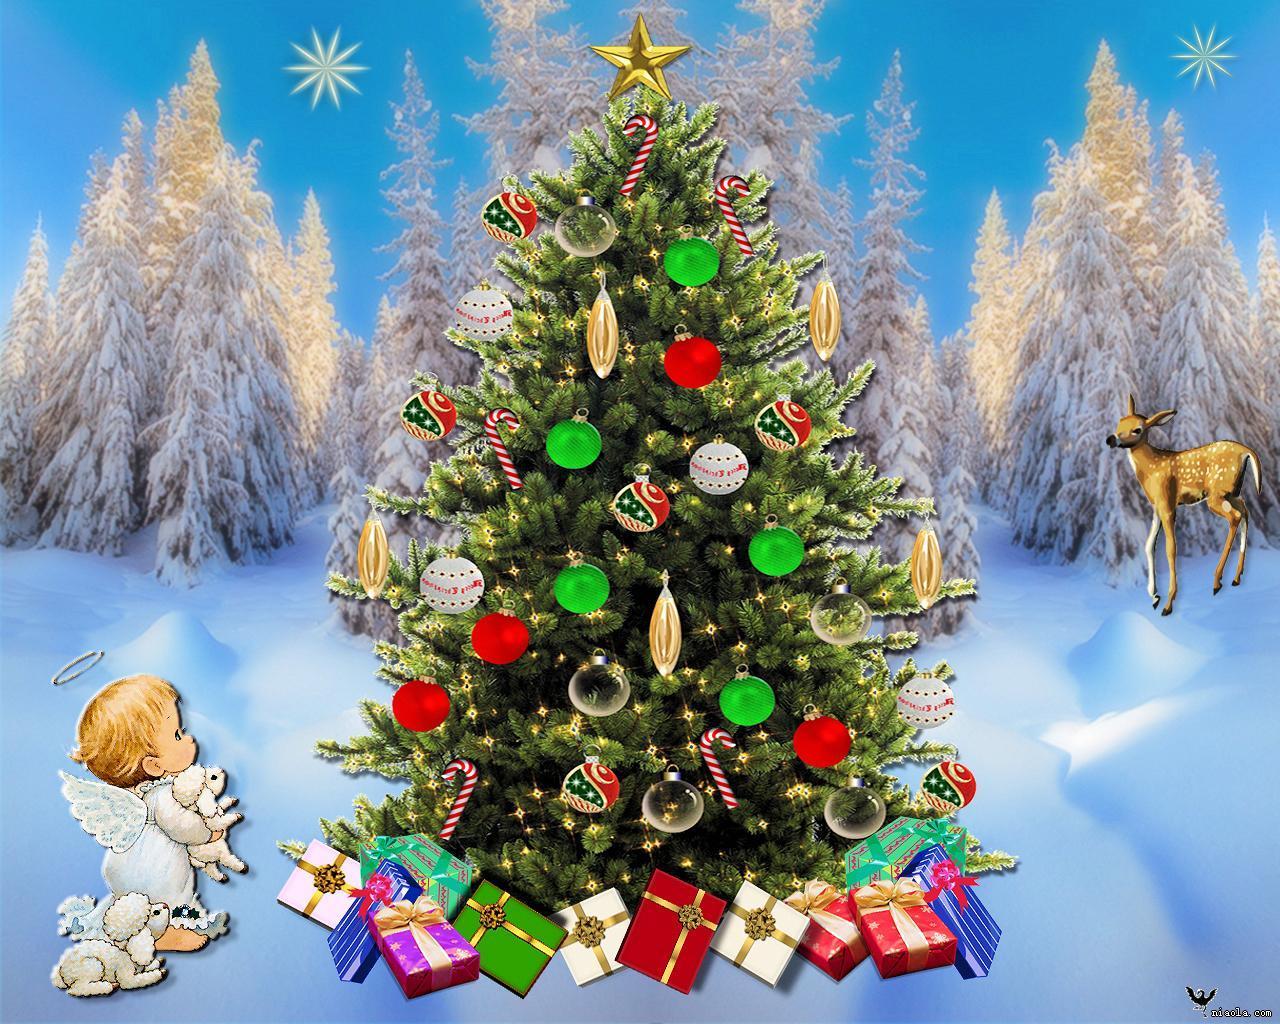 圣诞树可以说是圣诞节最重要的装饰点缀物.